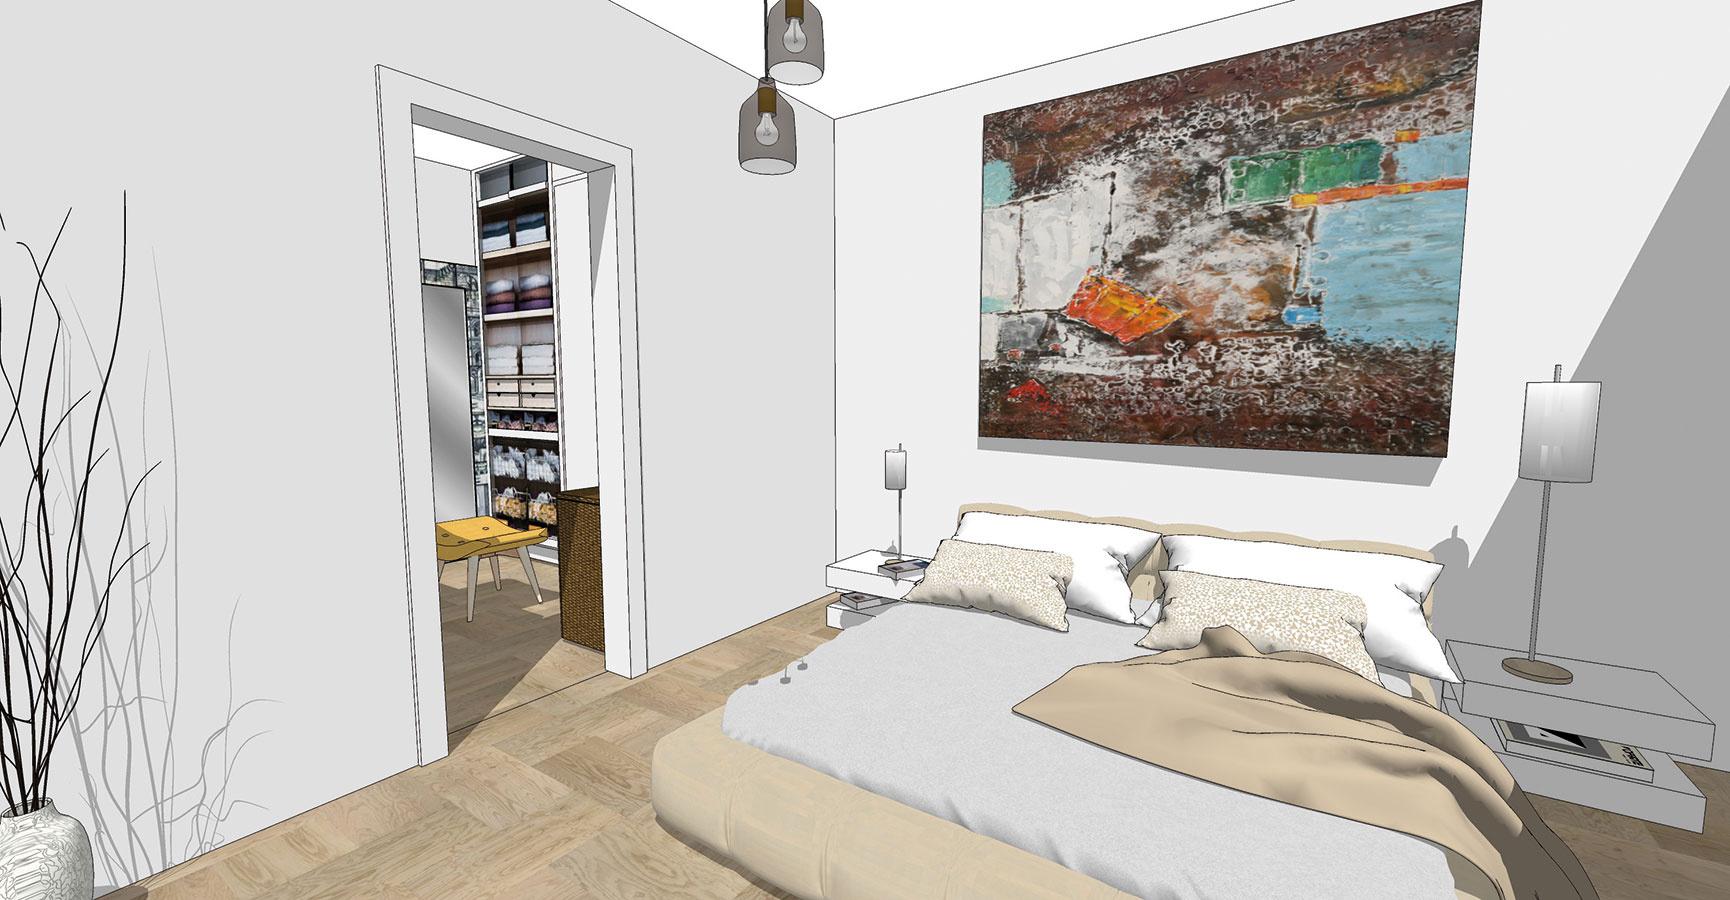 Priame napojenie na šatník je vspálni vítaným riešením. Ak je zariadená vbielych asvetlých farbách, zaujímavým akcentom môže byť výraznejšia grafika alebo pestrejší obraz umiestnený na stene za posteľou.